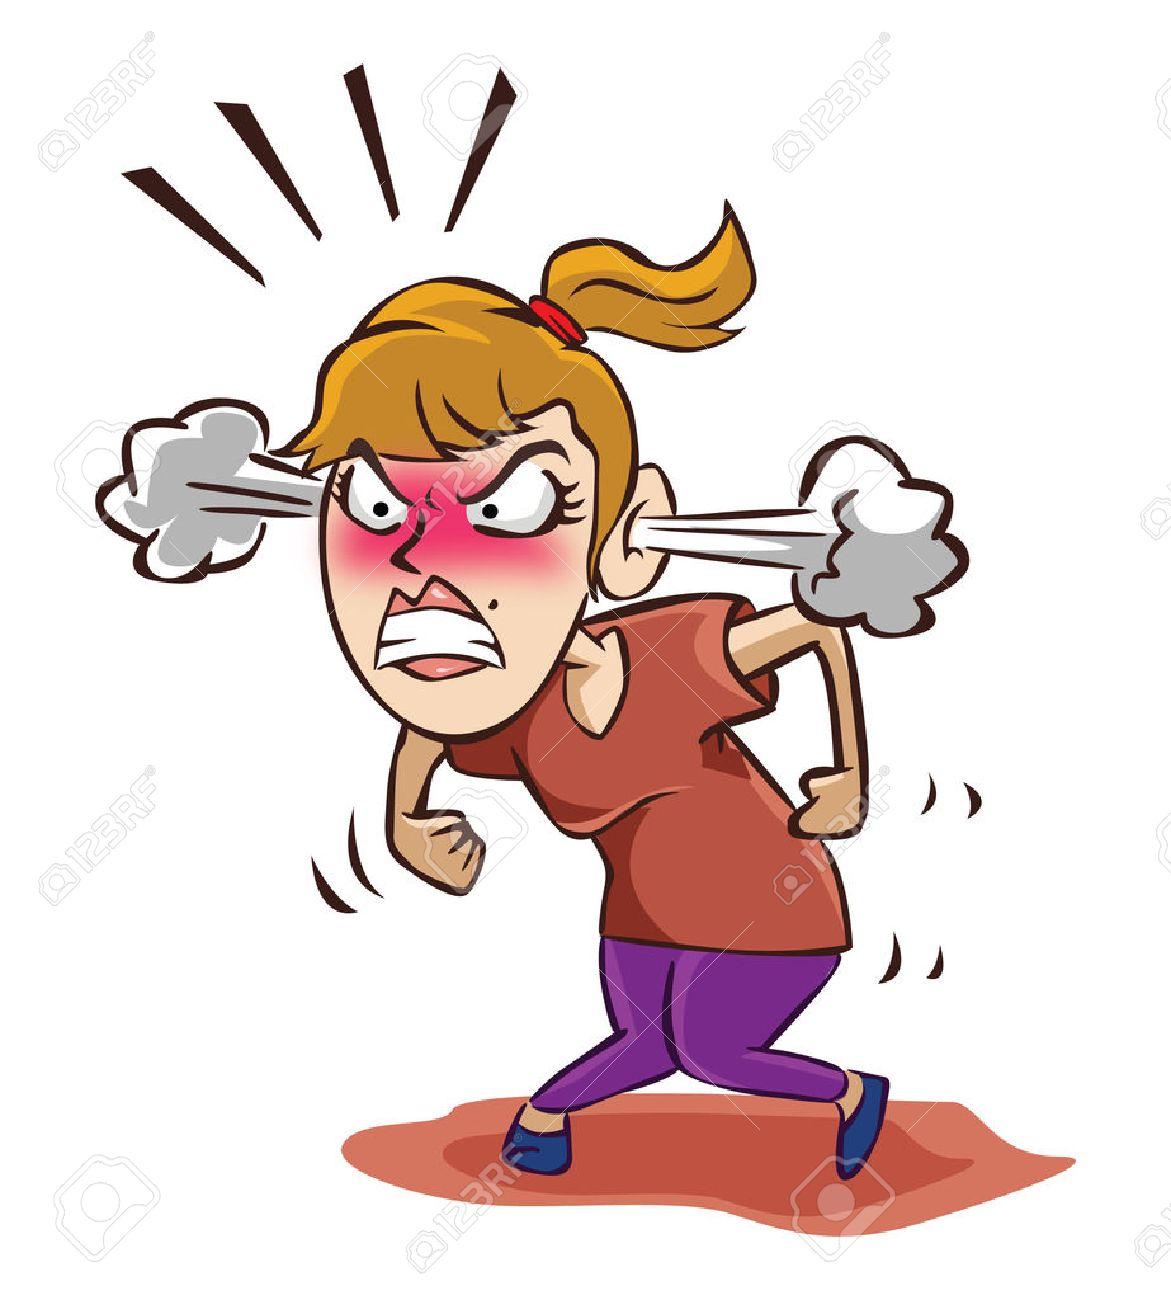 Angry woman - 39279427